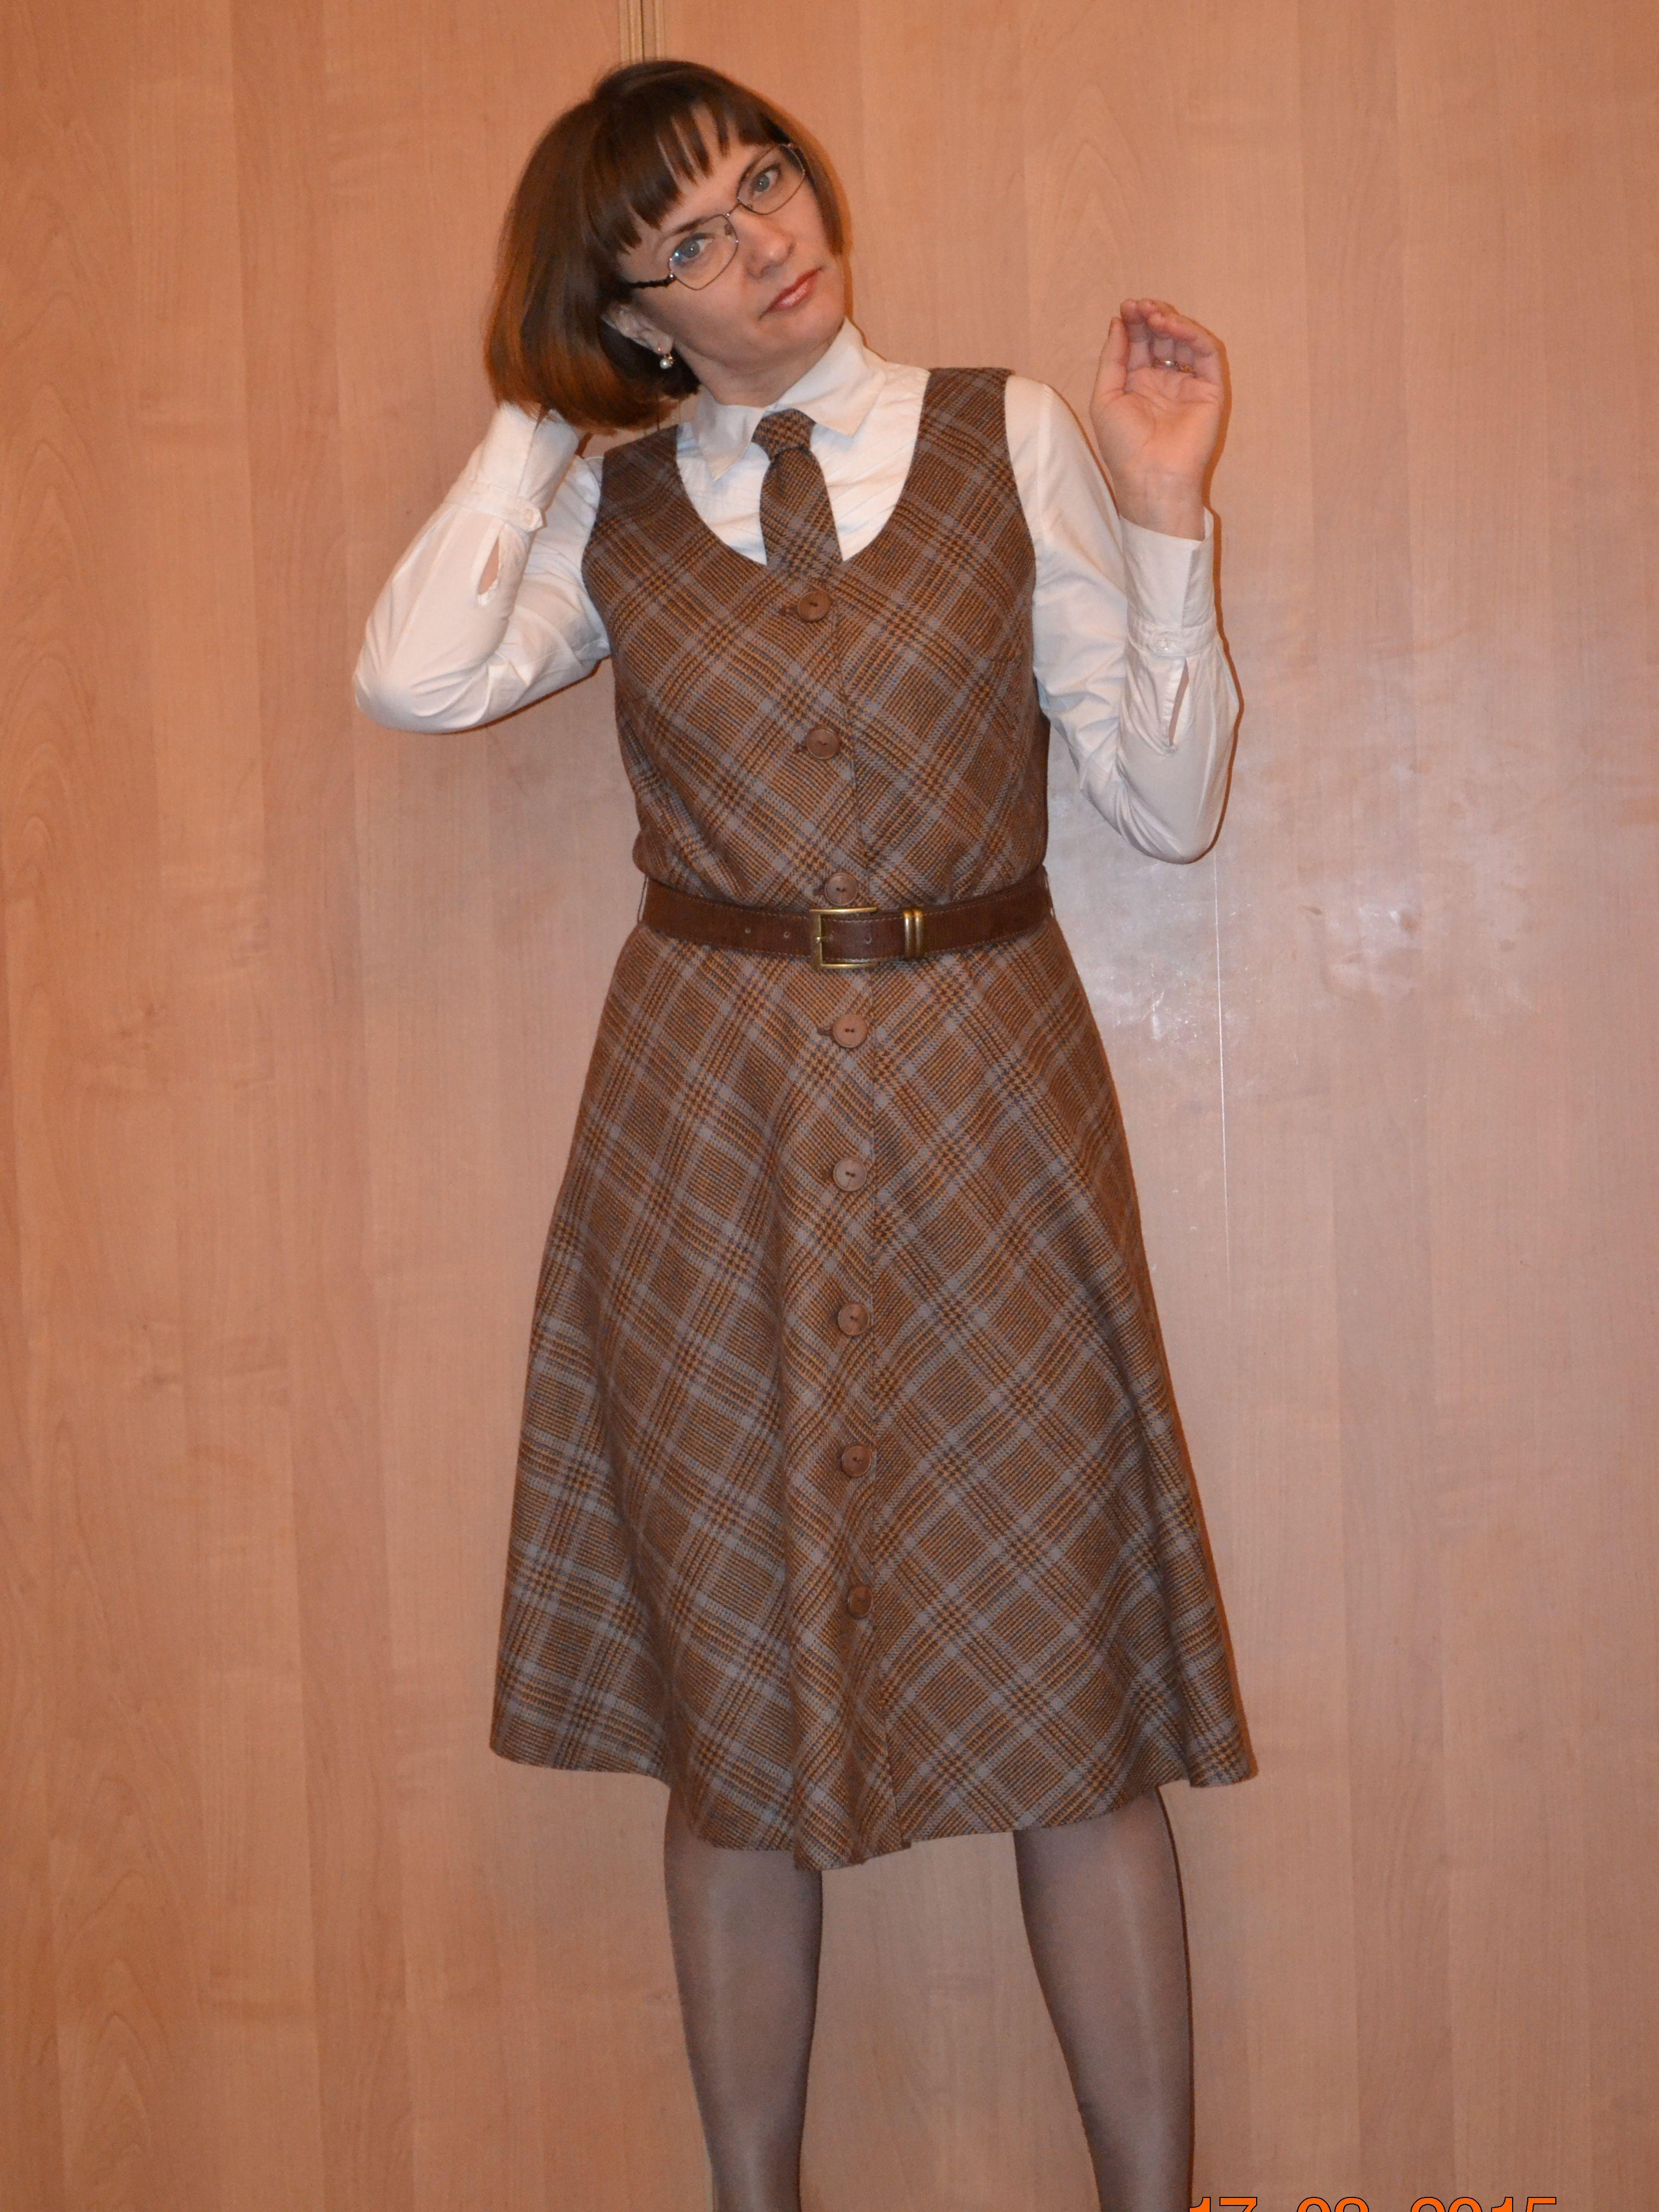 Выкройки платьев с пышными юбками